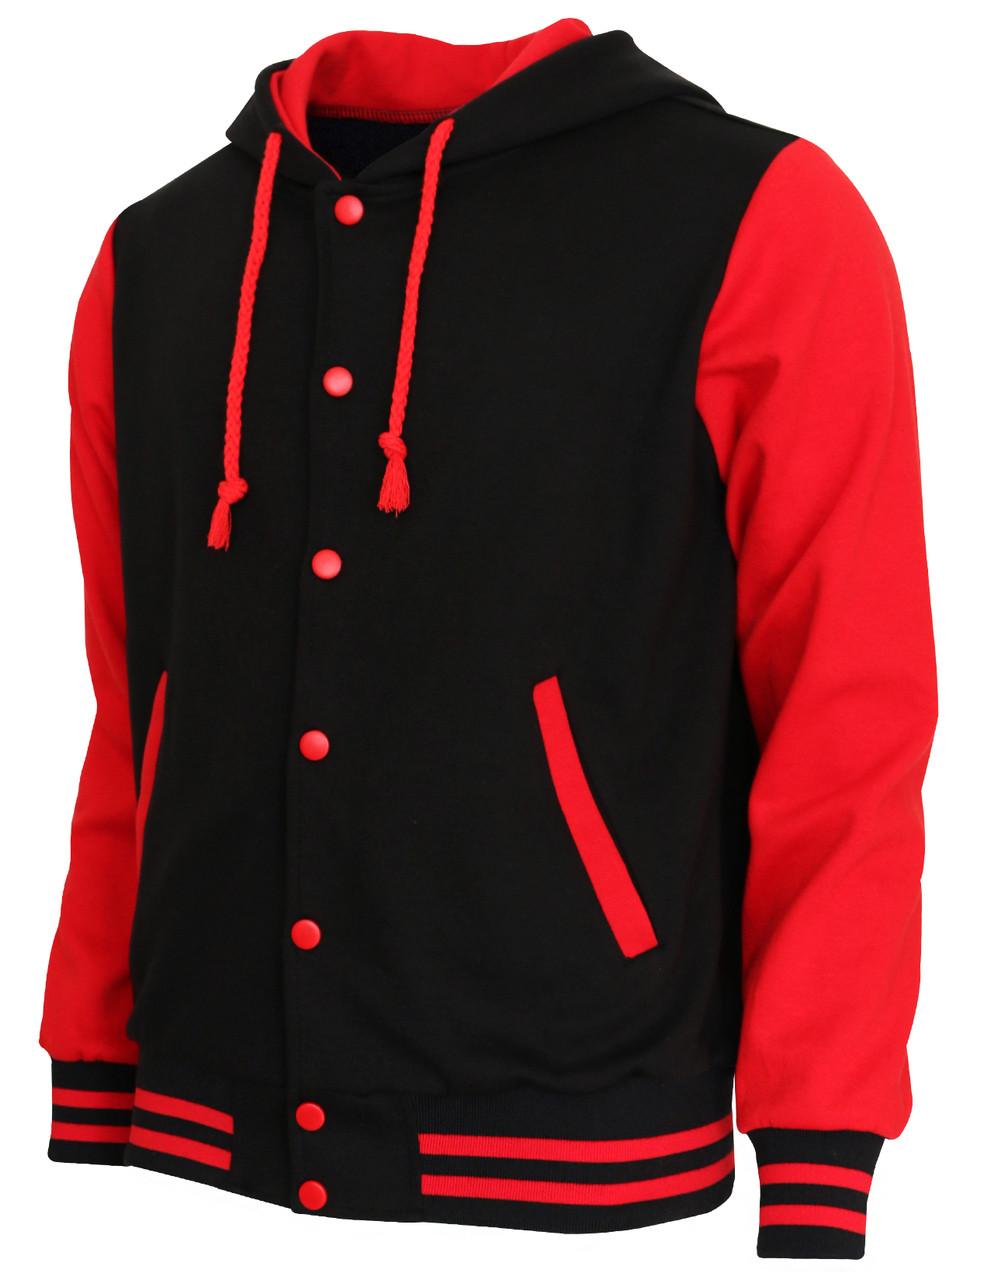 Sweatshirt Jacket Hoodie Baseball Jacket Varsity Letterman Jacket ...